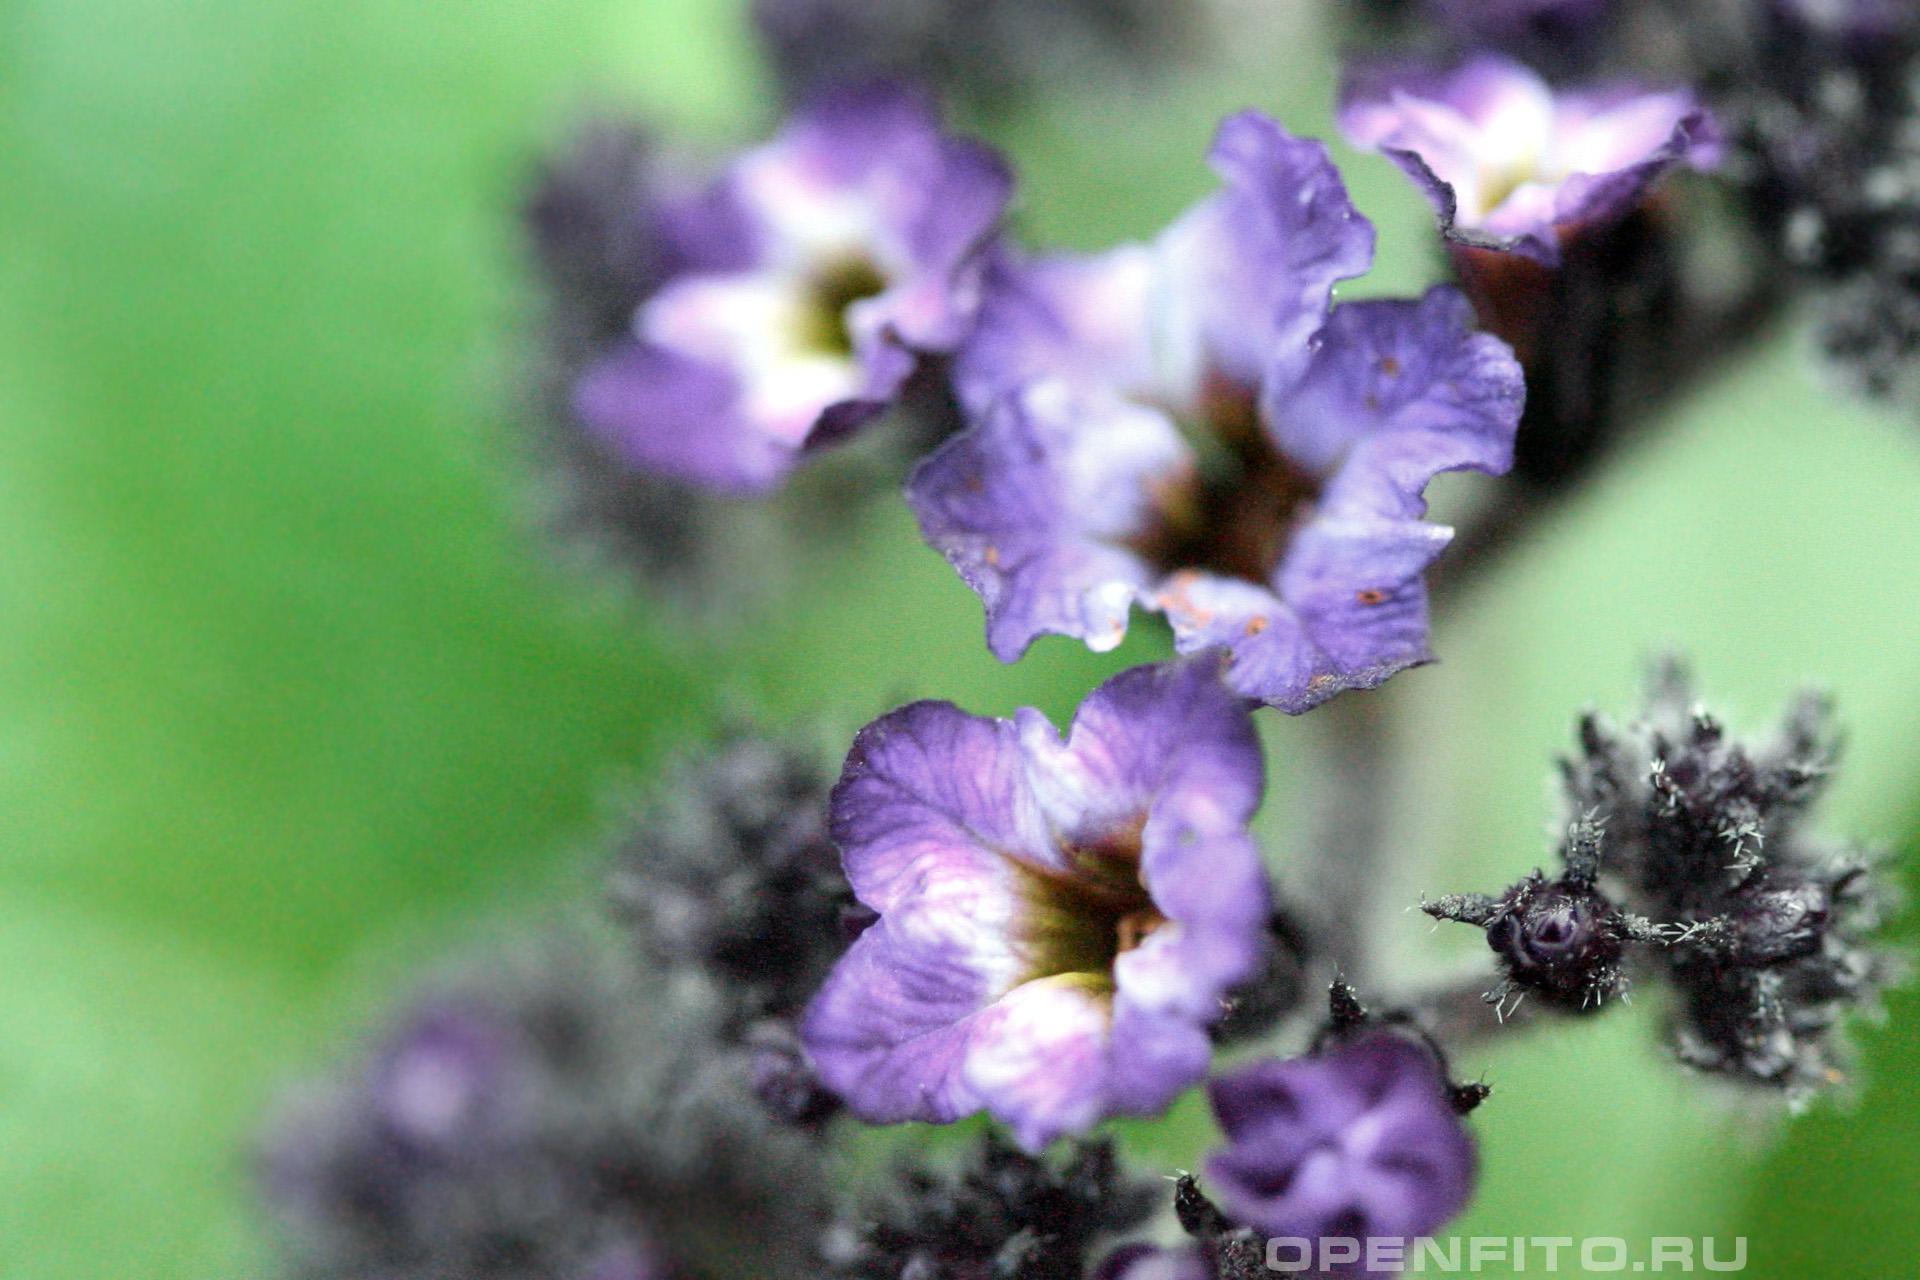 Гелиотроп эллиптический сортовой цветок, обычно растение цветет белым